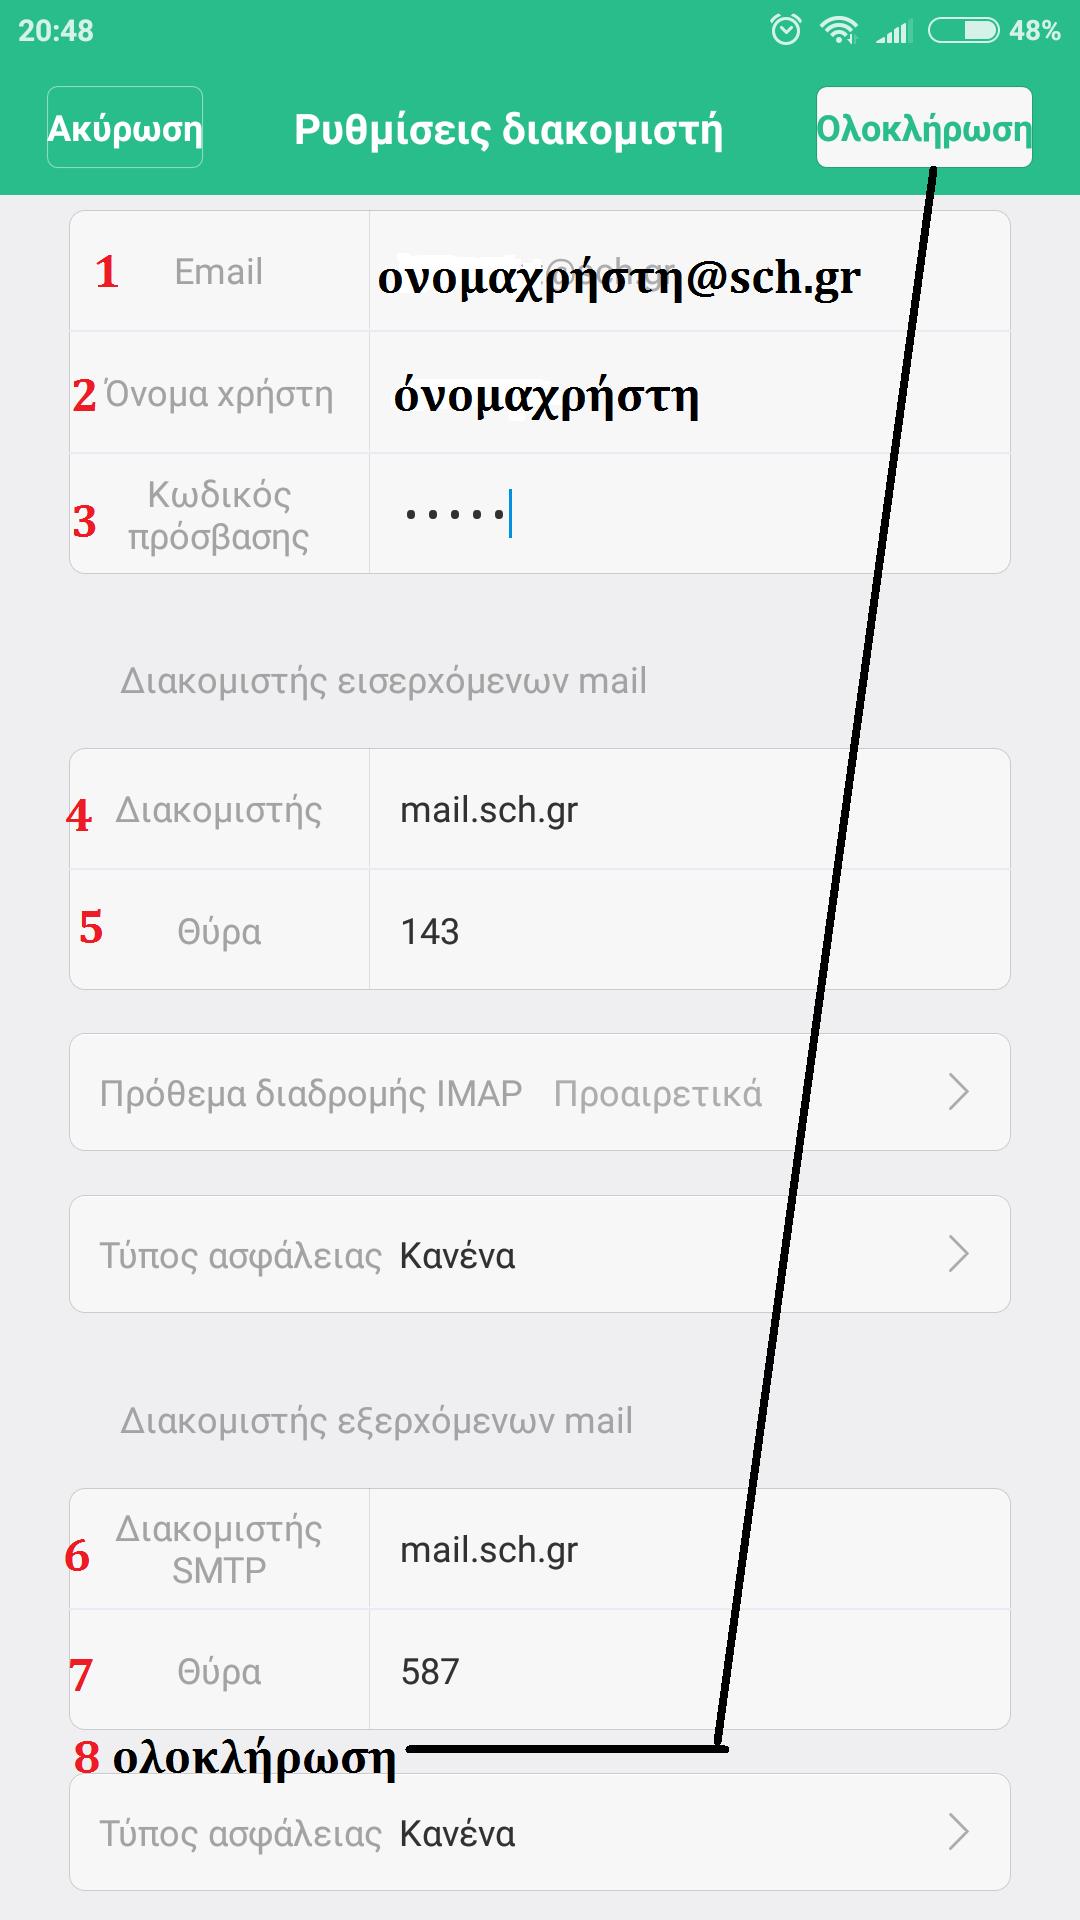 4e4b1c63a44 Ρυθμίσεις σύνδεσης email ΠΣΔ σε συσκευή Android 6.01